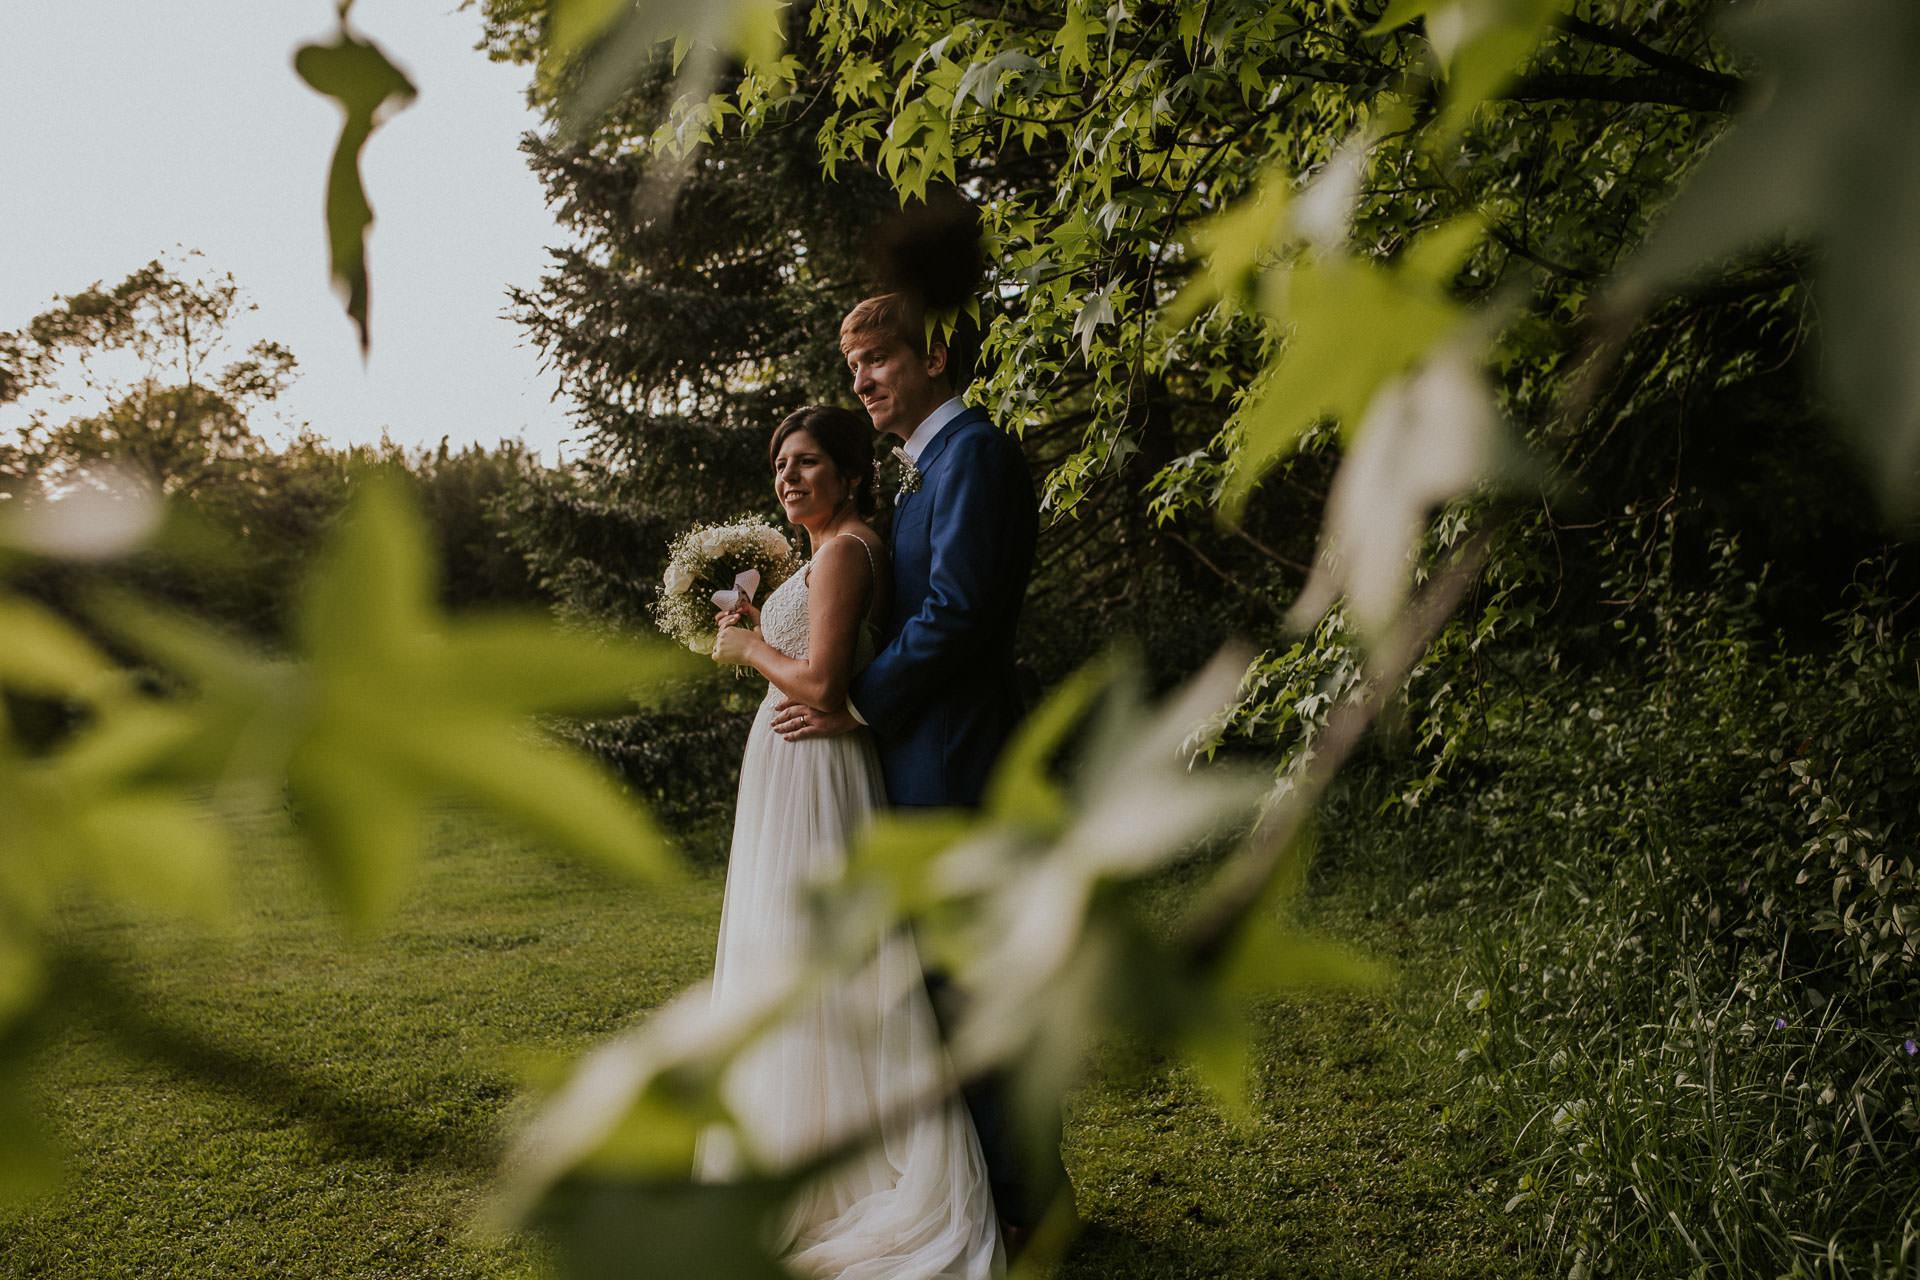 Retratos, Boda en Estancia La Linda, fotógrafo de bodas, Norman Parunov